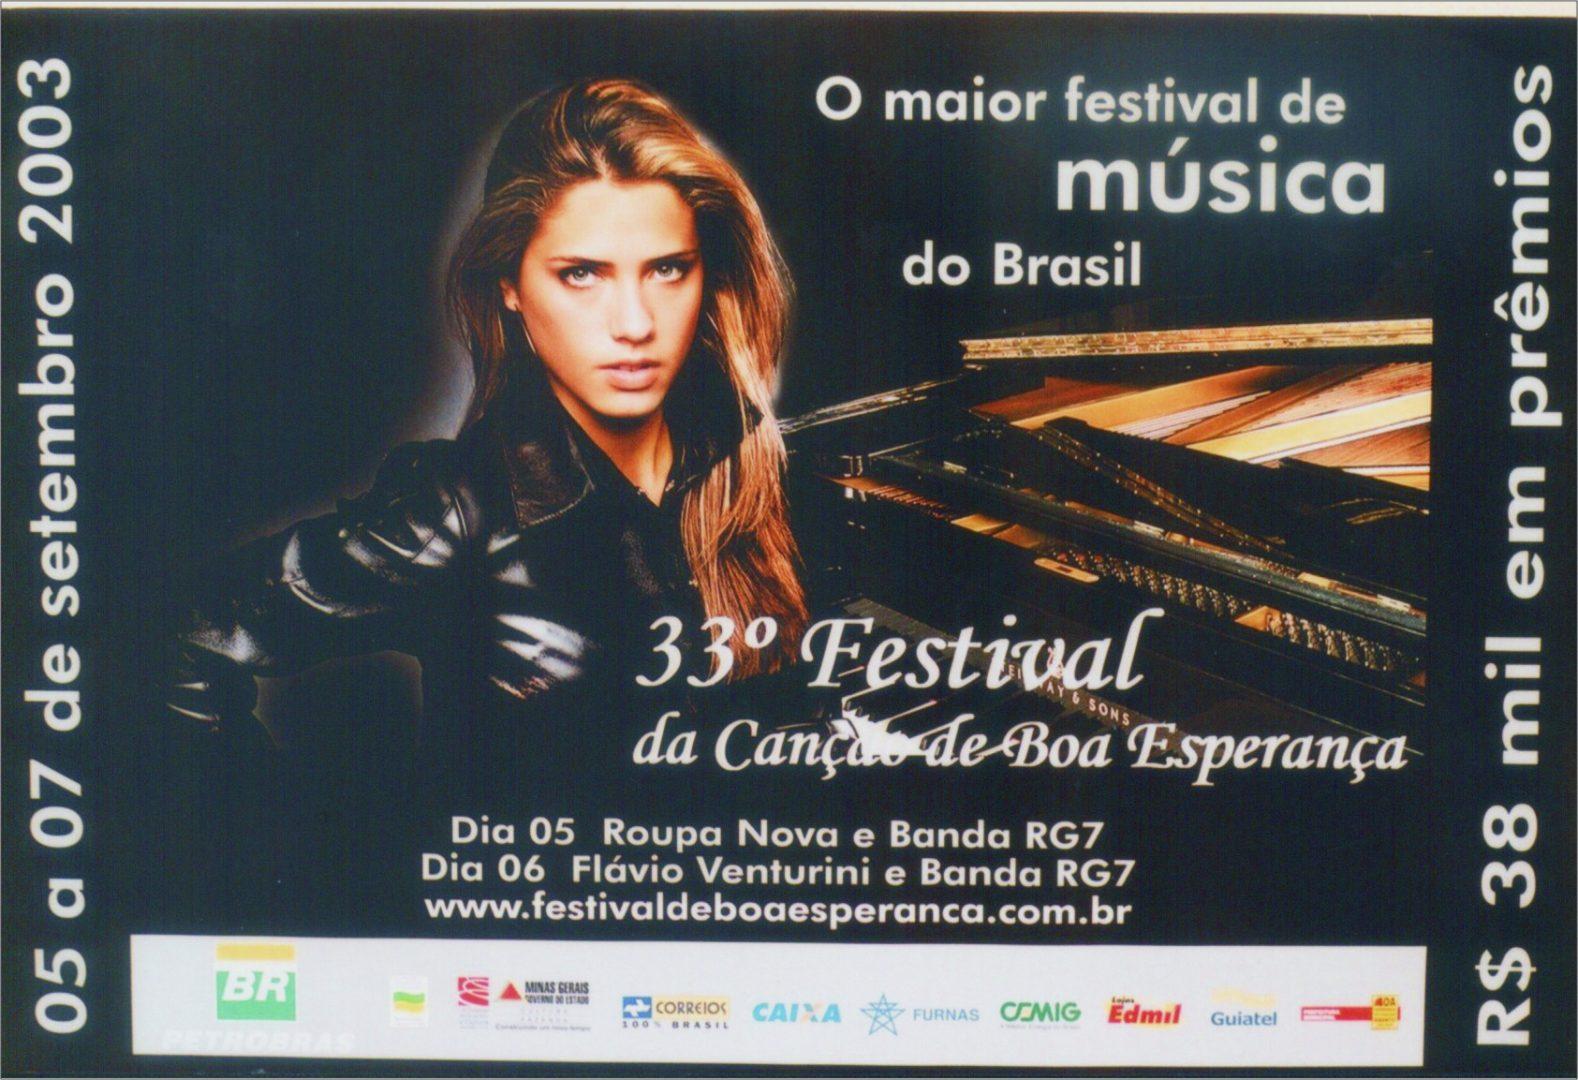 33º Festival da Canção de Boa Esperança